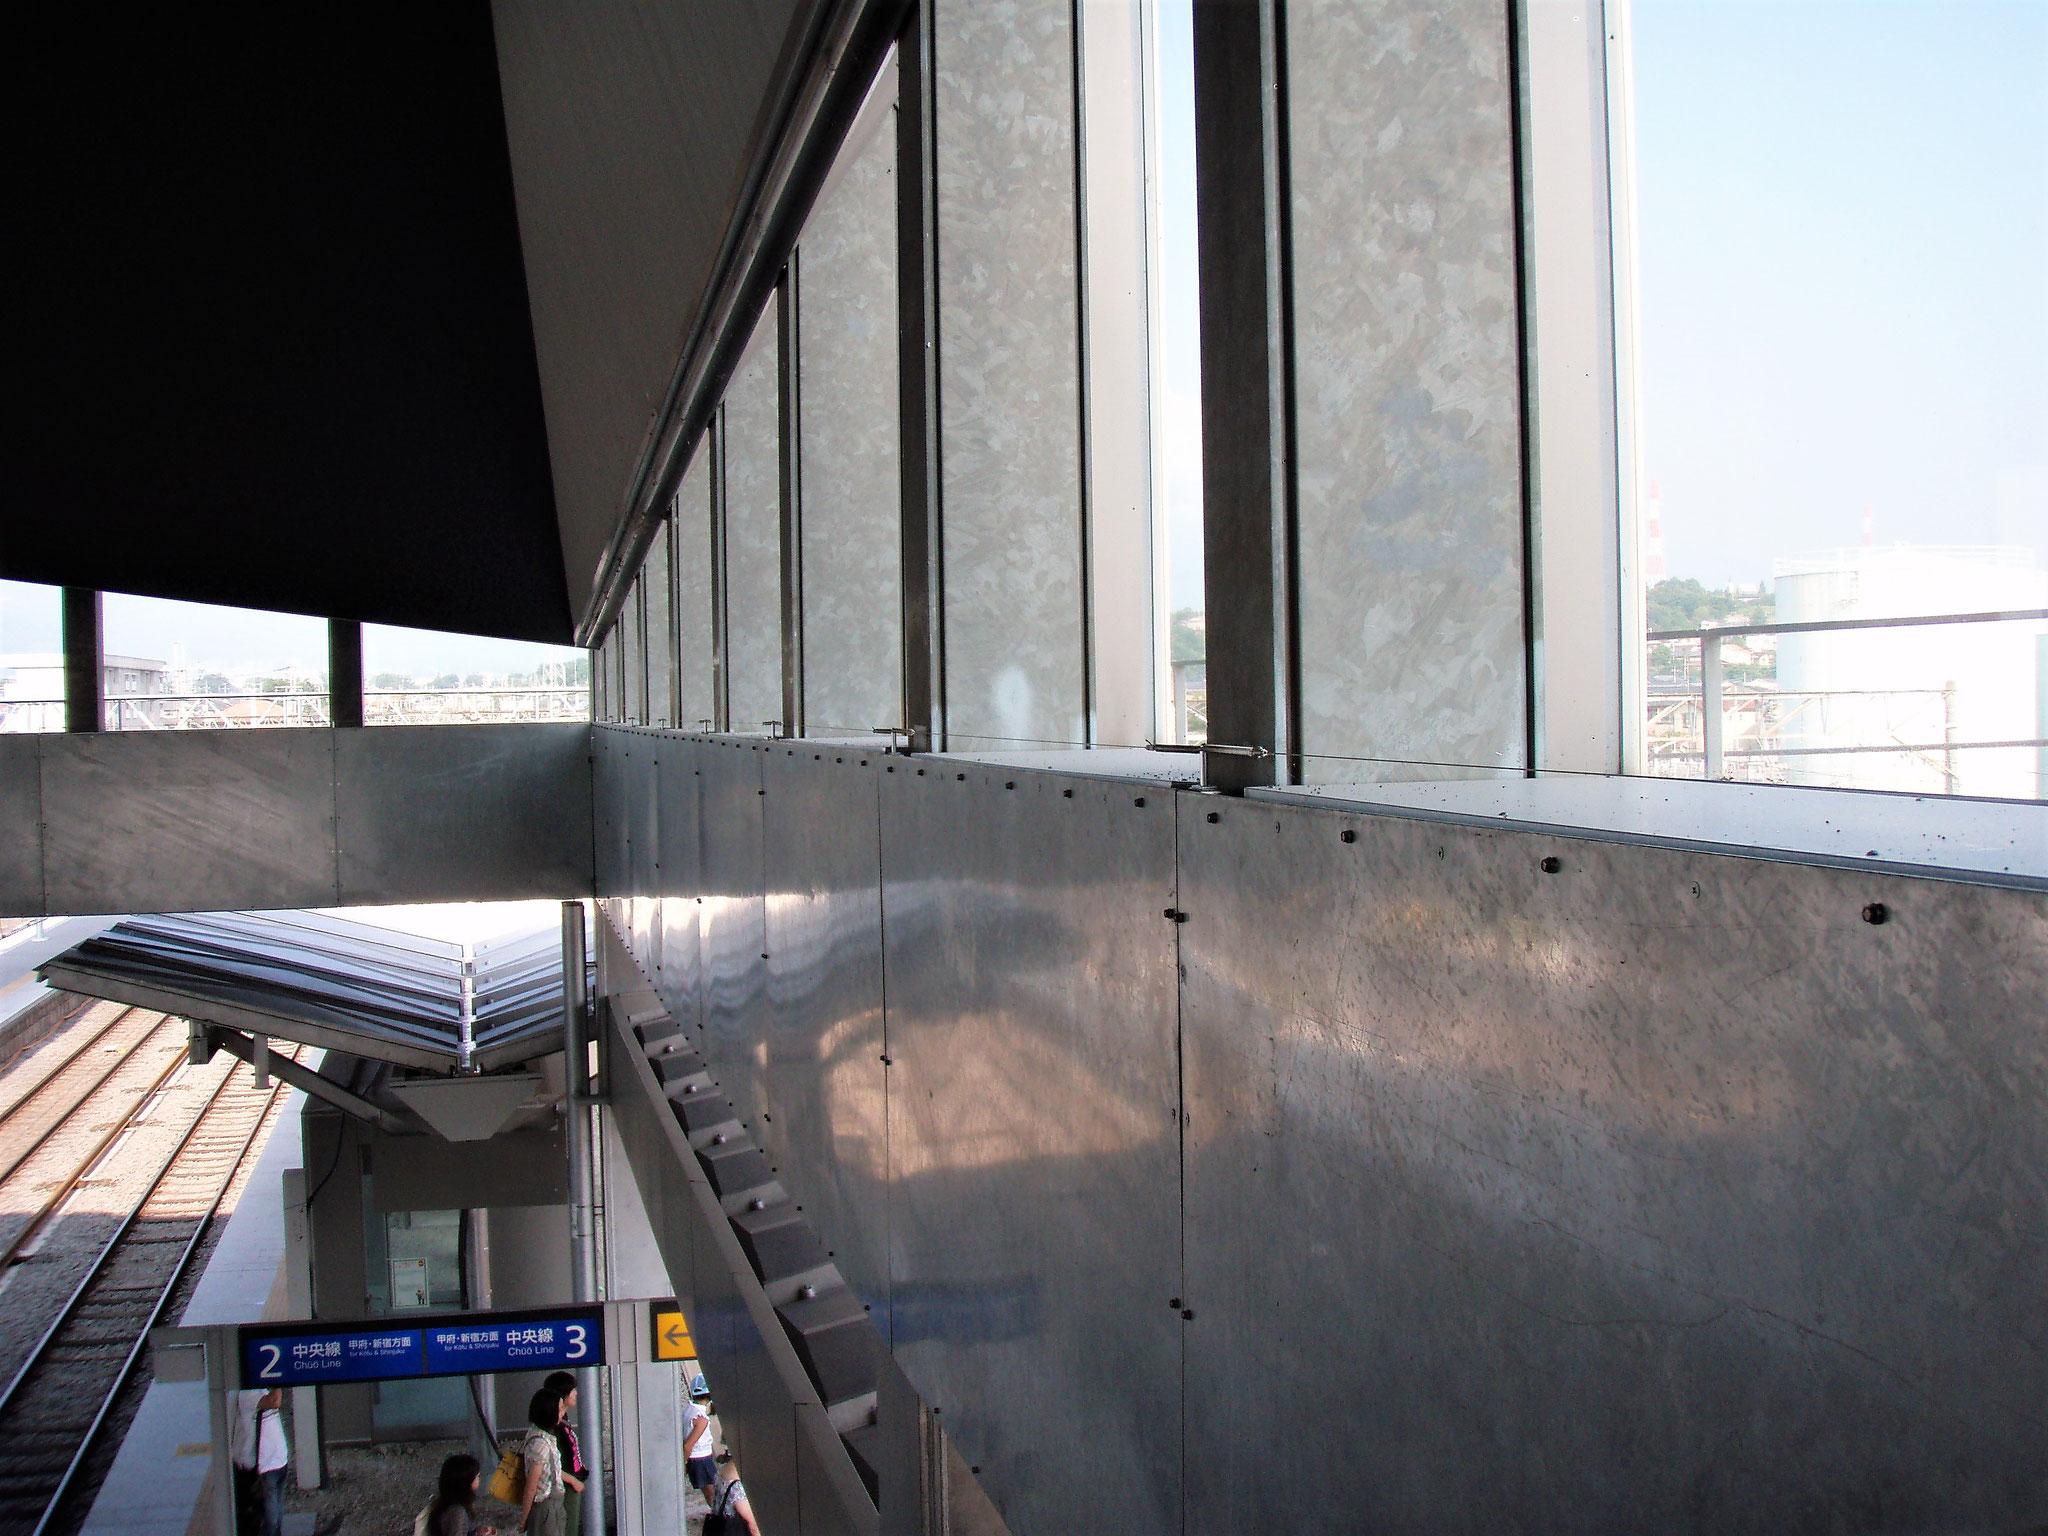 JR中央線 竜王駅  / 山梨県甲斐市/2008.3.24